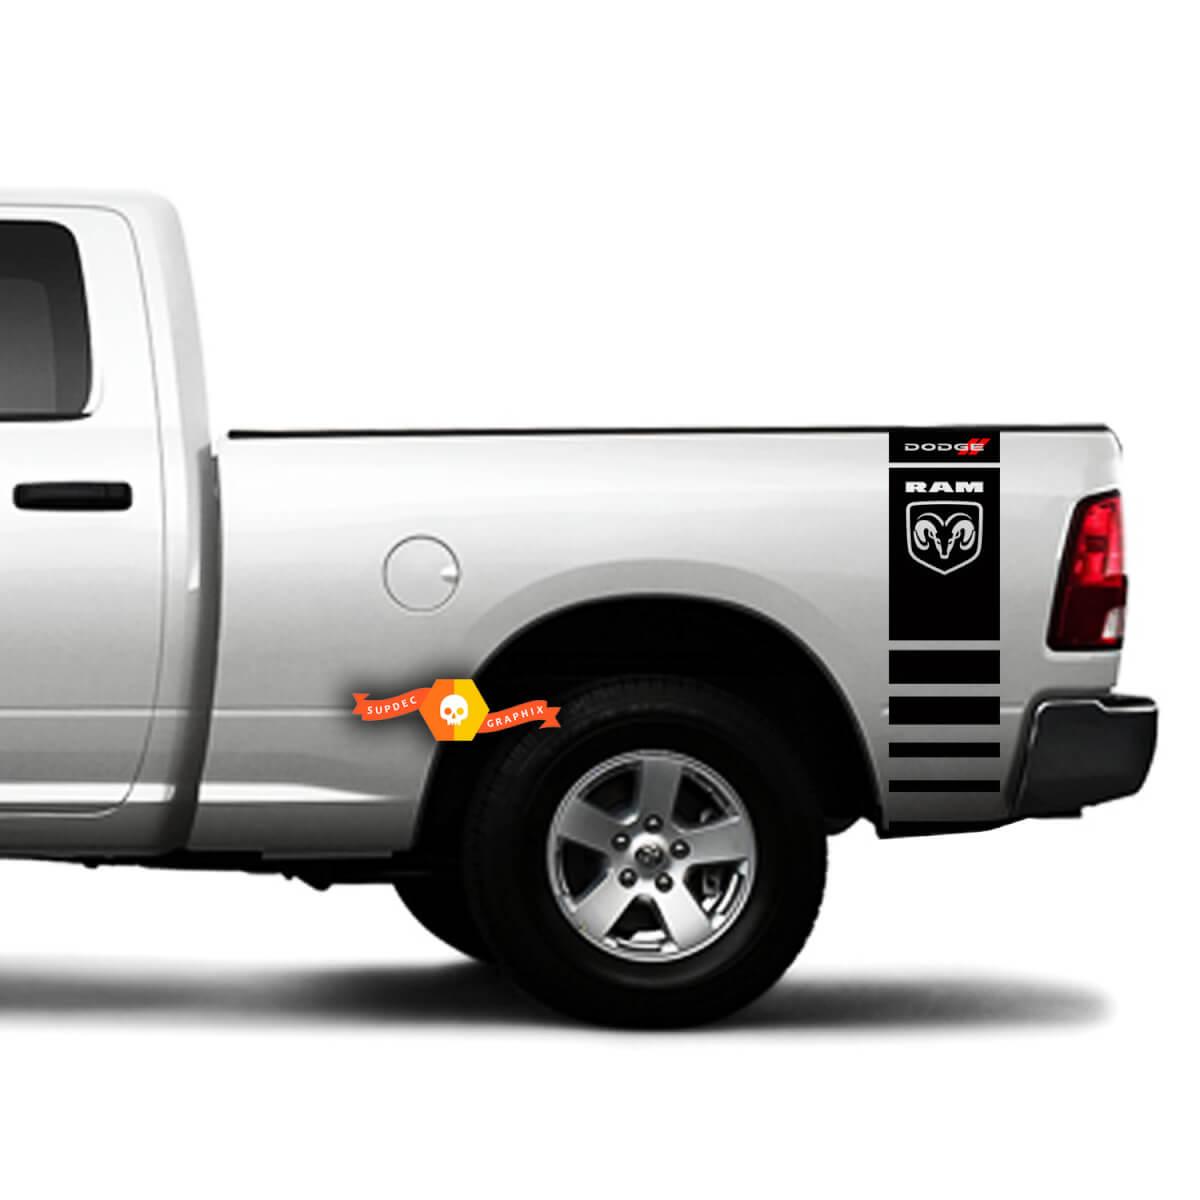 Dodge Ram 1500 2500 3500 Rennstreifen Hemi RAM 4x4 Aufkleber LKW Aufkleber Vinyl k3